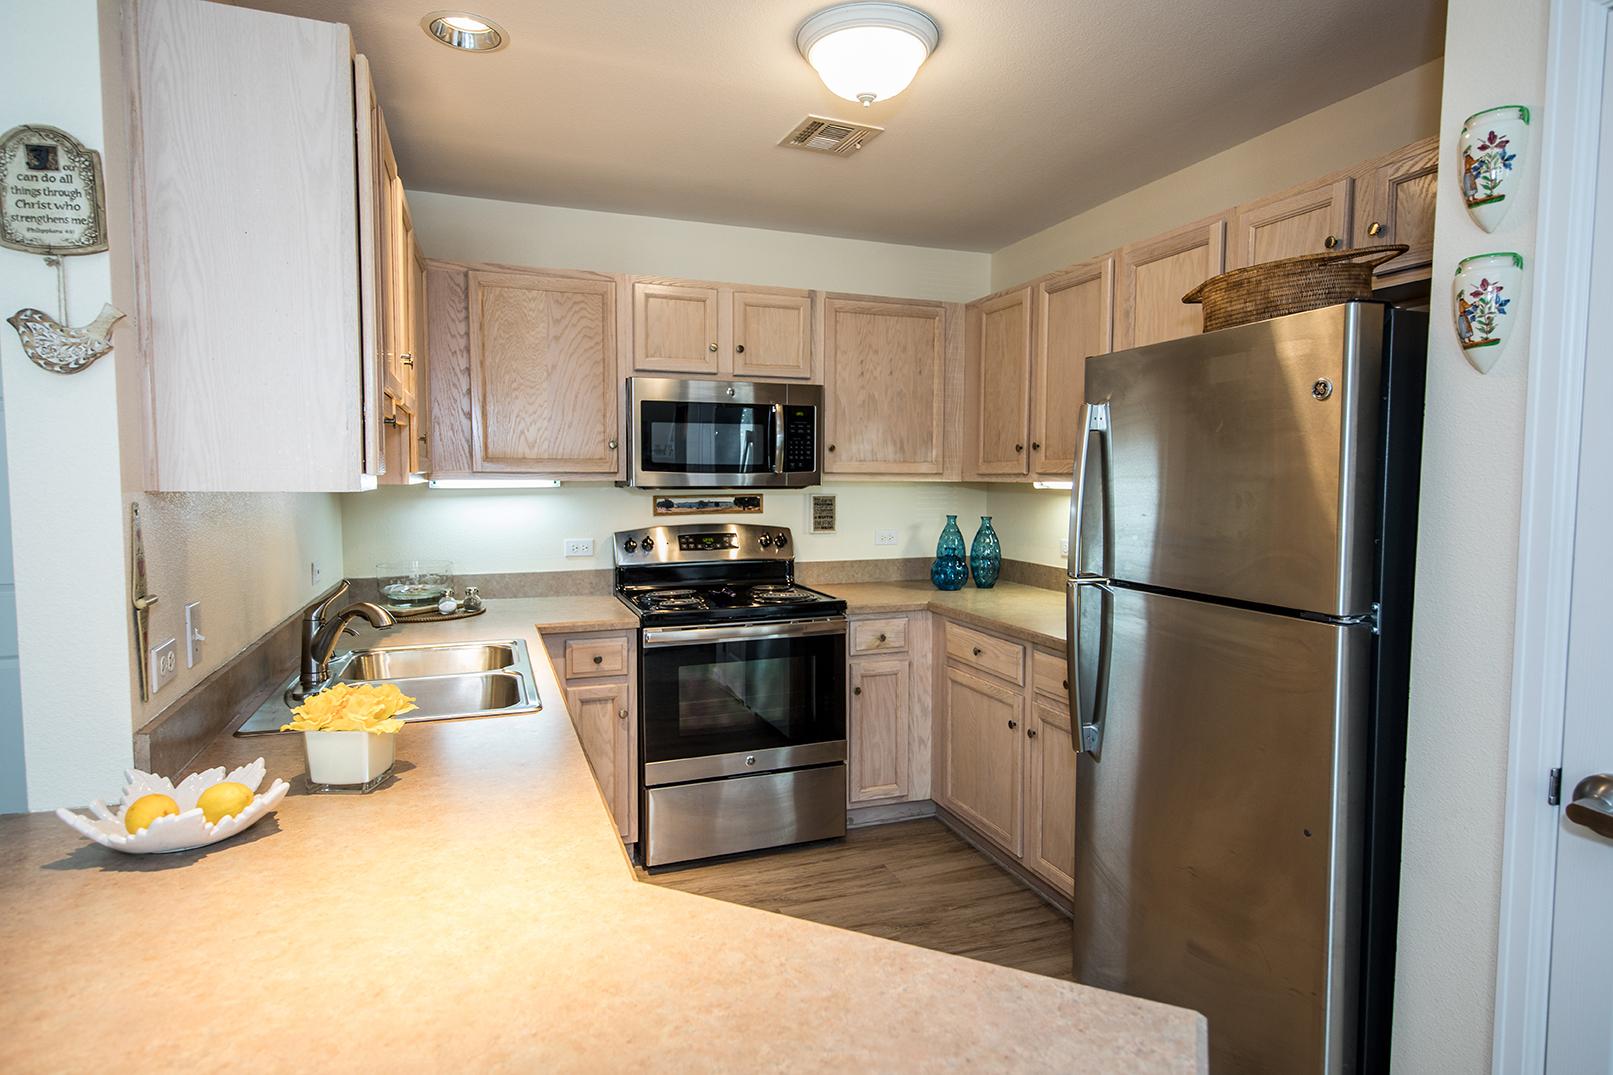 apt kitchen interior